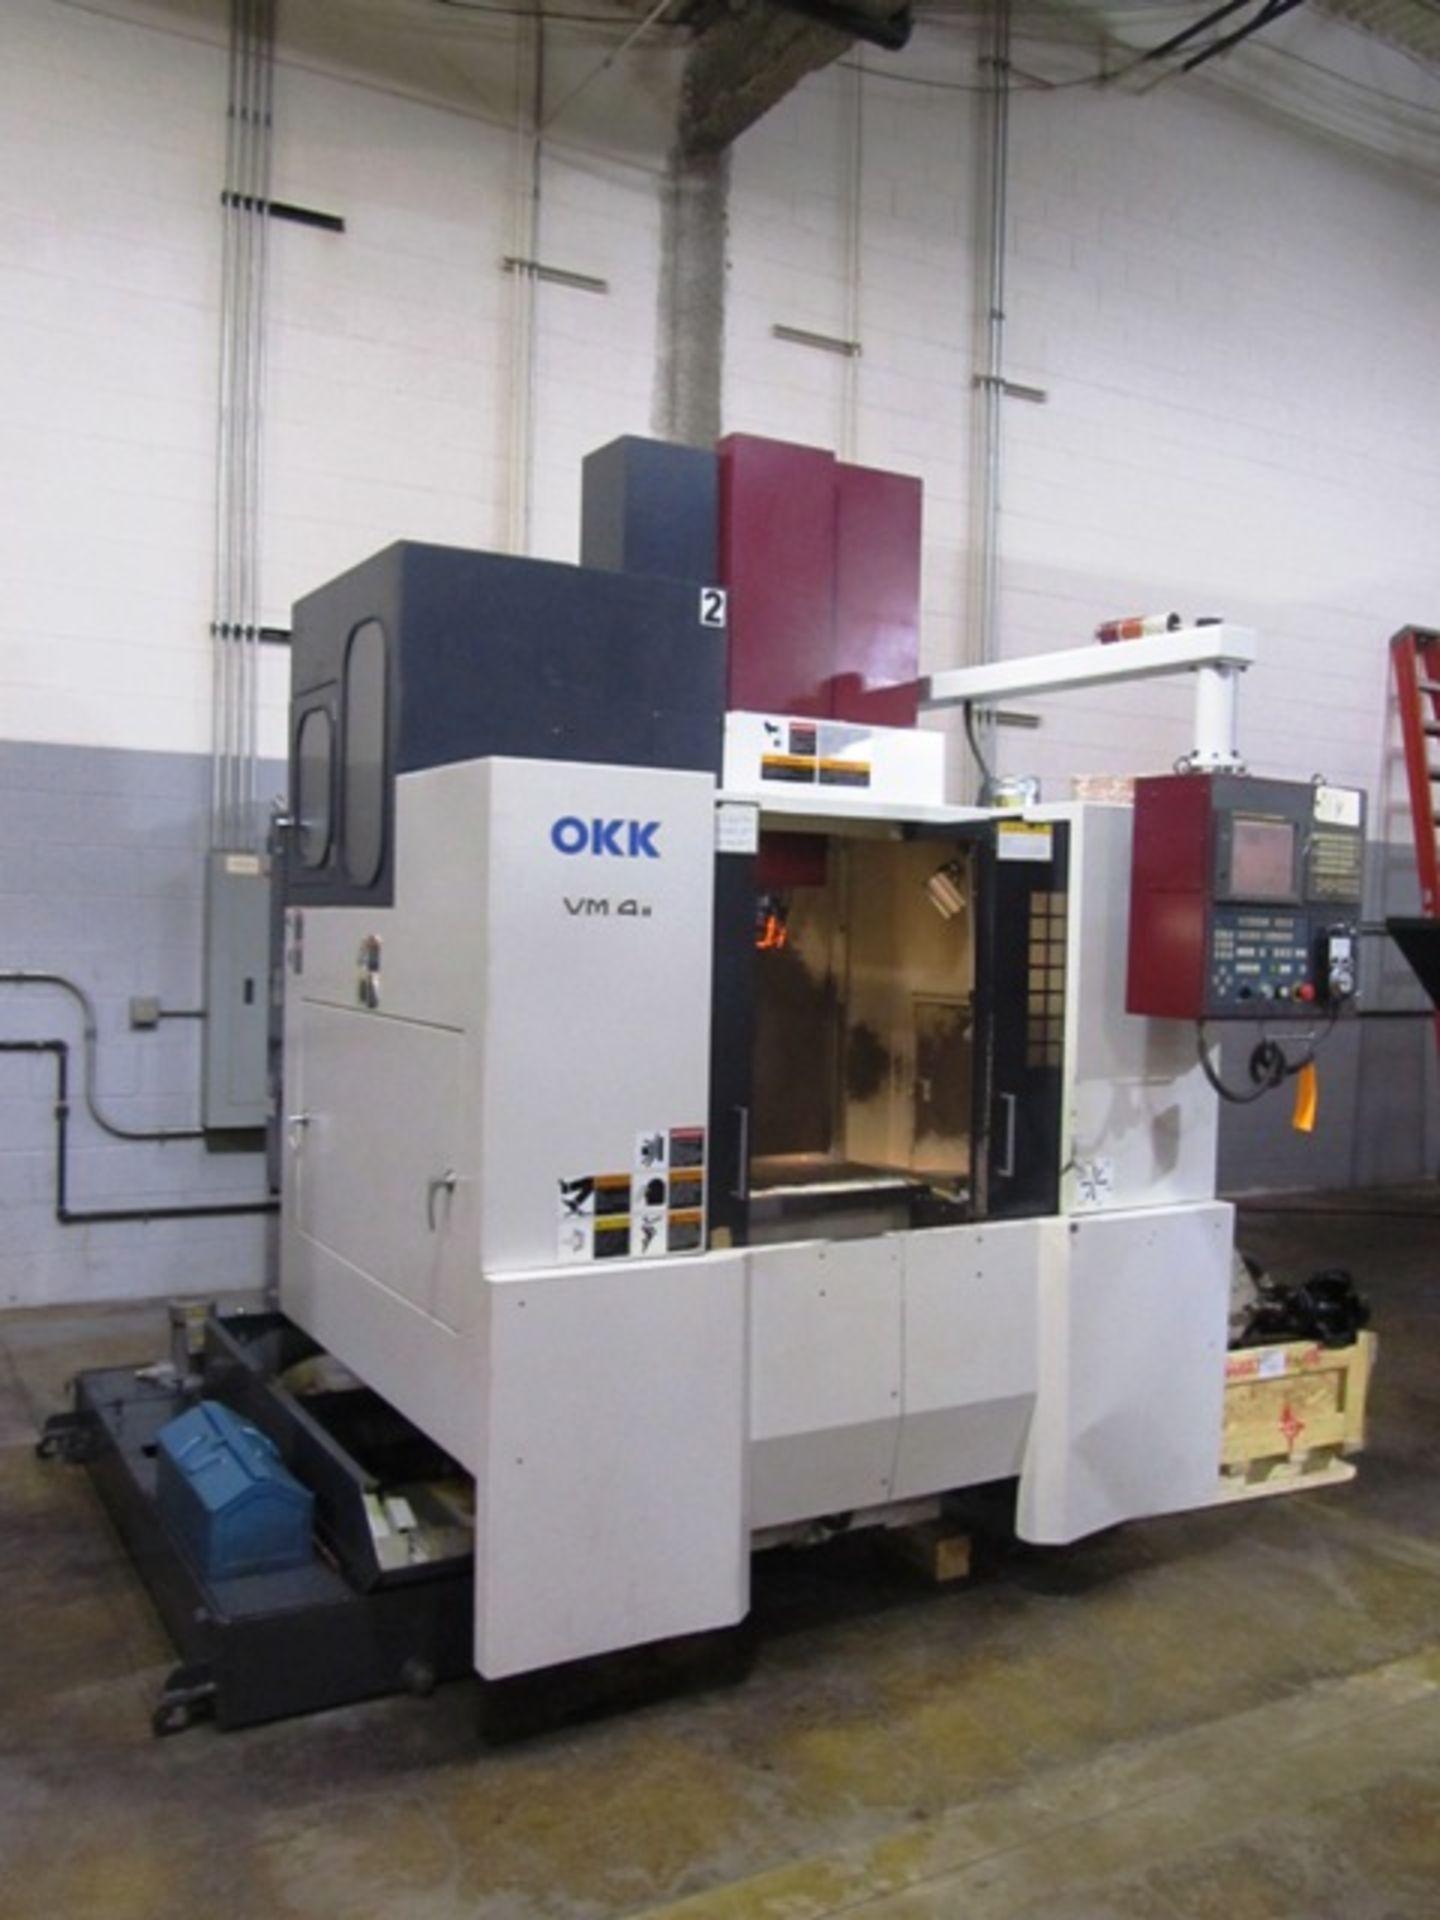 Lot 4 - OKK VM 4II CNC Vertical Machining Center